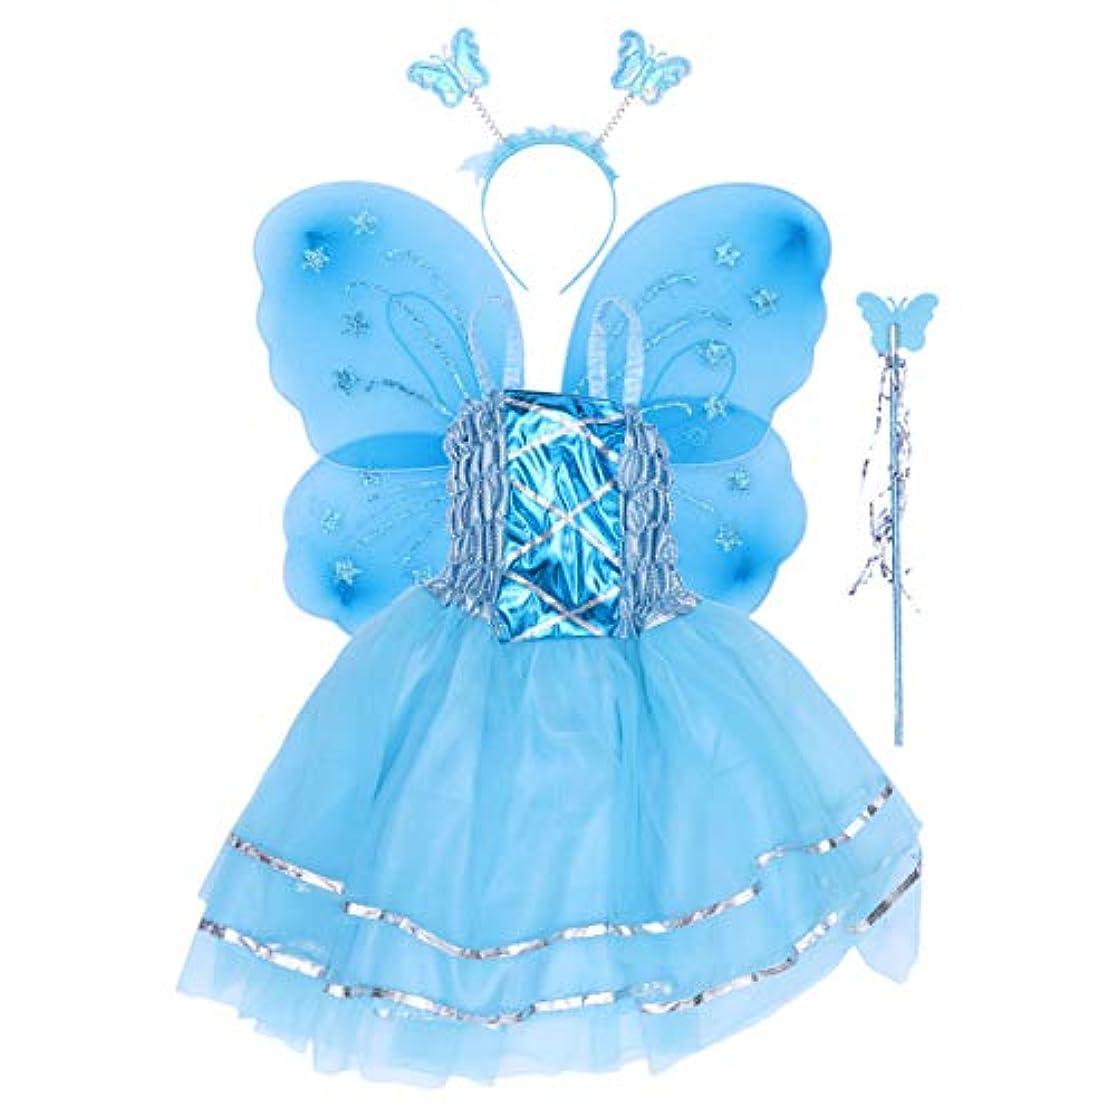 文字通り再現する干渉BESTOYARD 蝶の羽、ワンド、ヘッドバンド、ツツードレス(スカイブルー)と4個の女の子バタフライプリンセス妖精のコスチュームセット